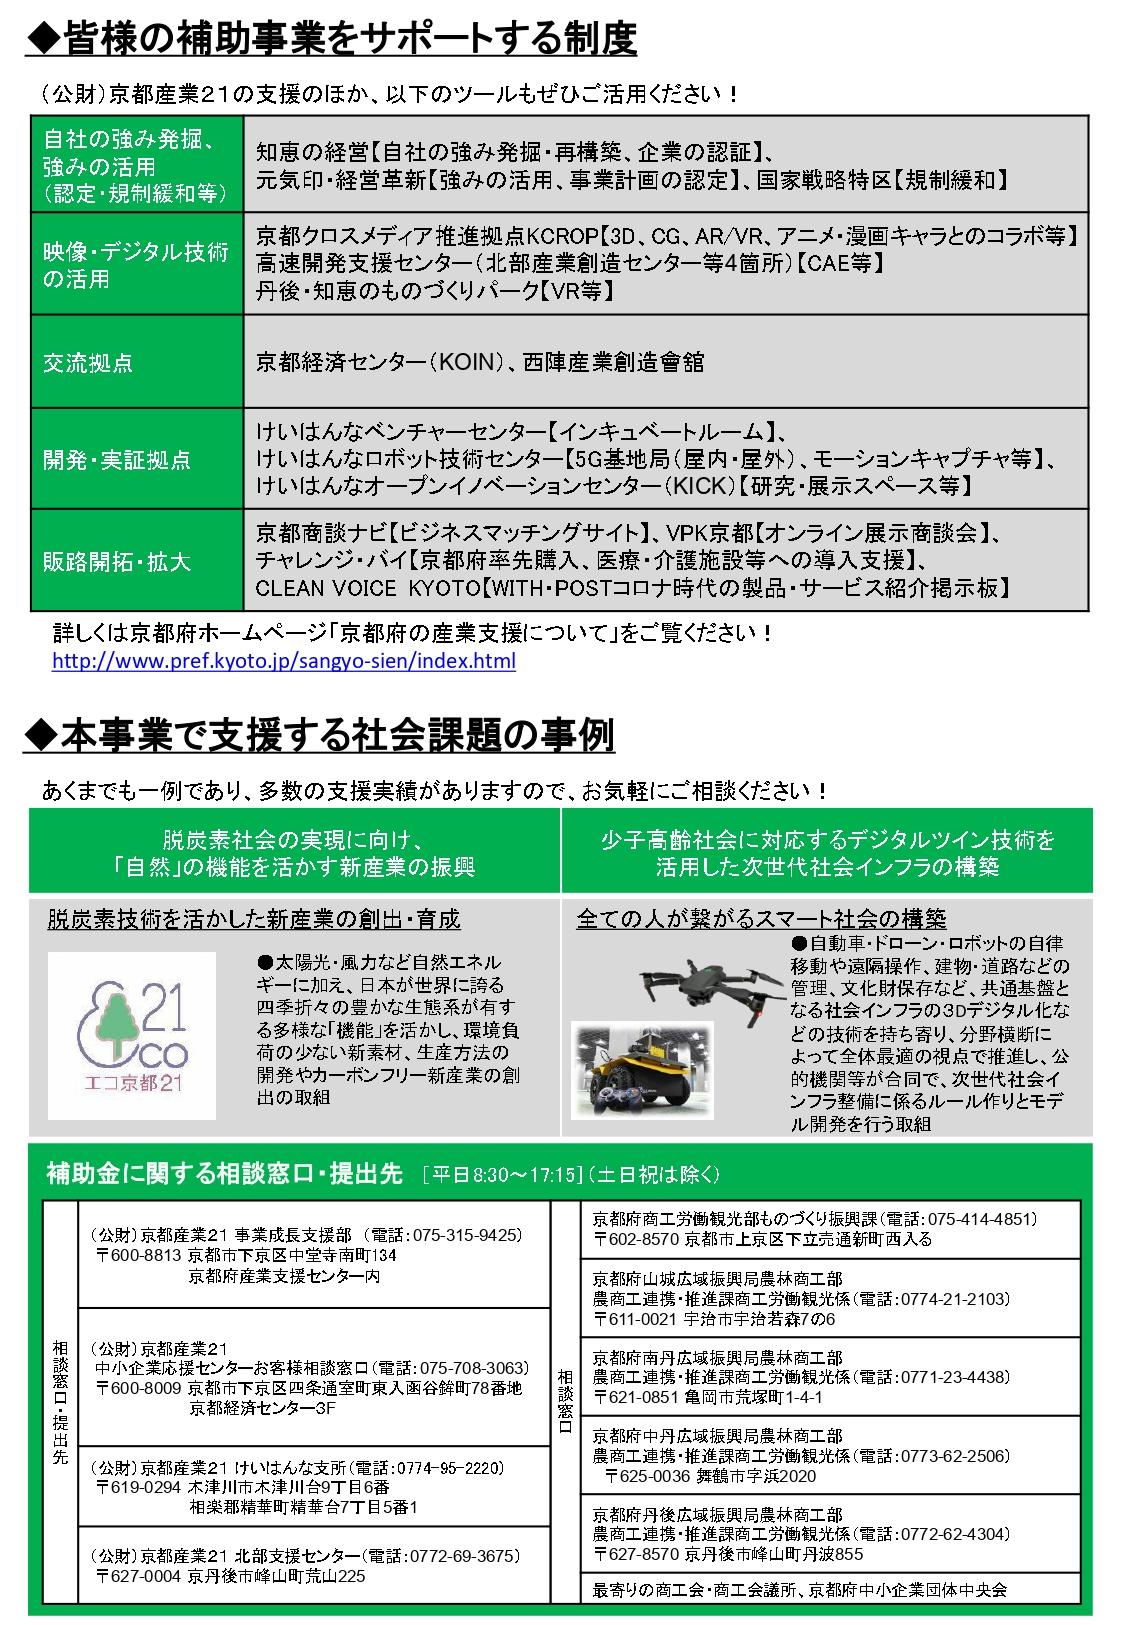 令和3年度「産学公の森」推進事業補助金の募集について(5/31まで)